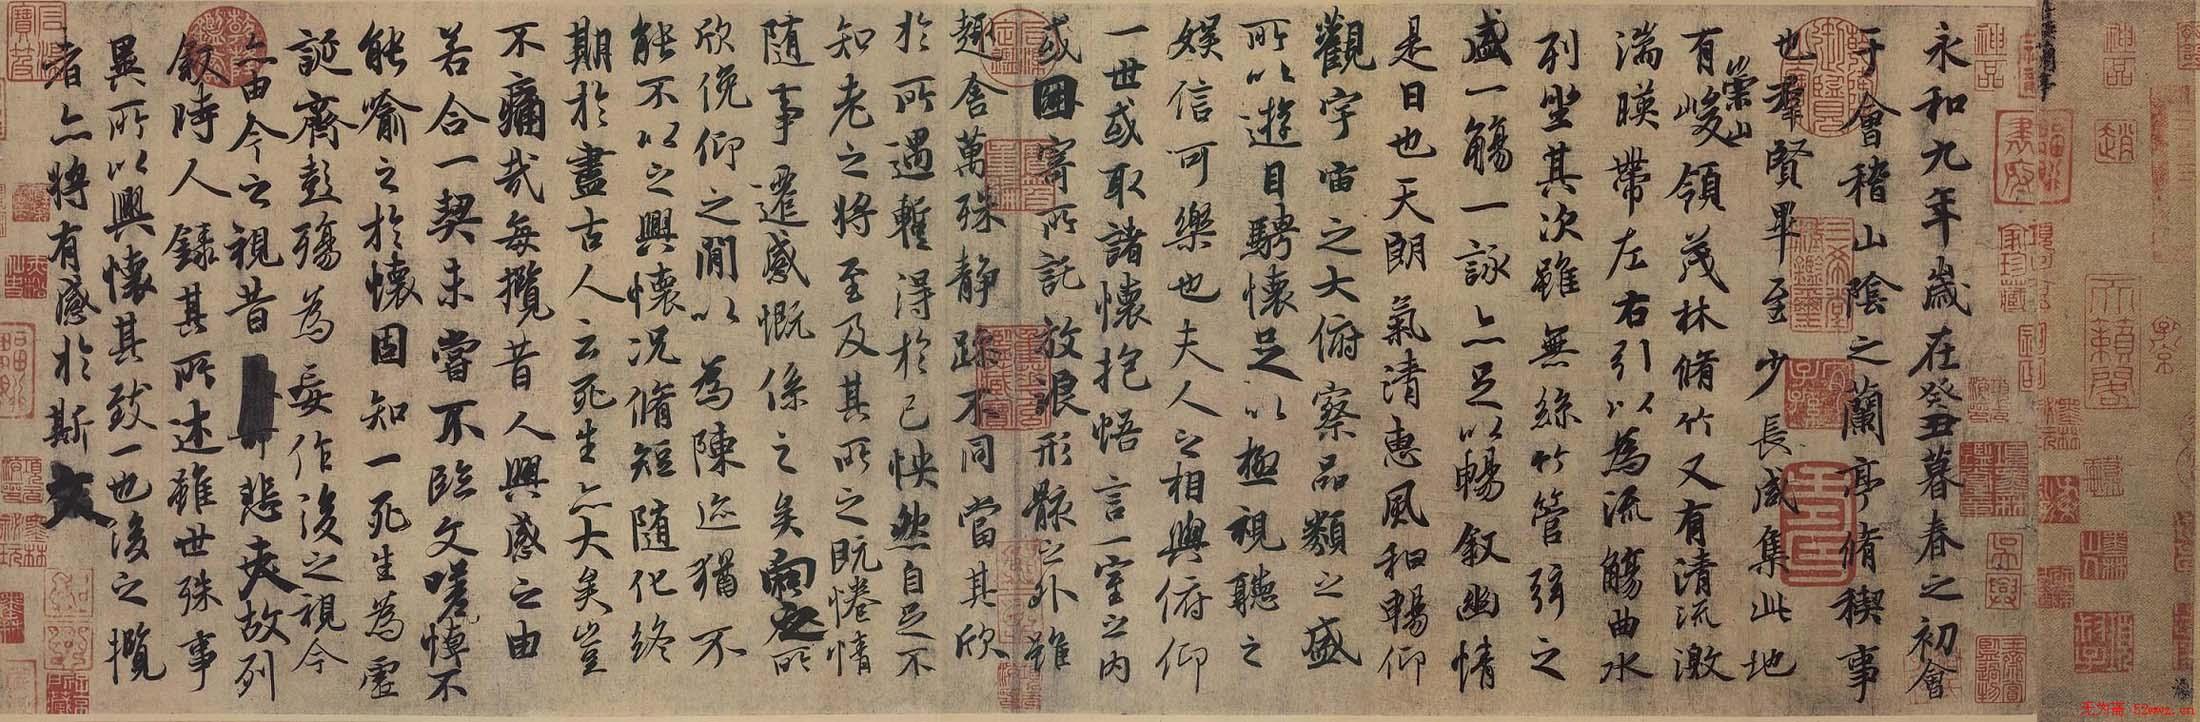 中华十大传世名帖:王羲之《兰亭序》